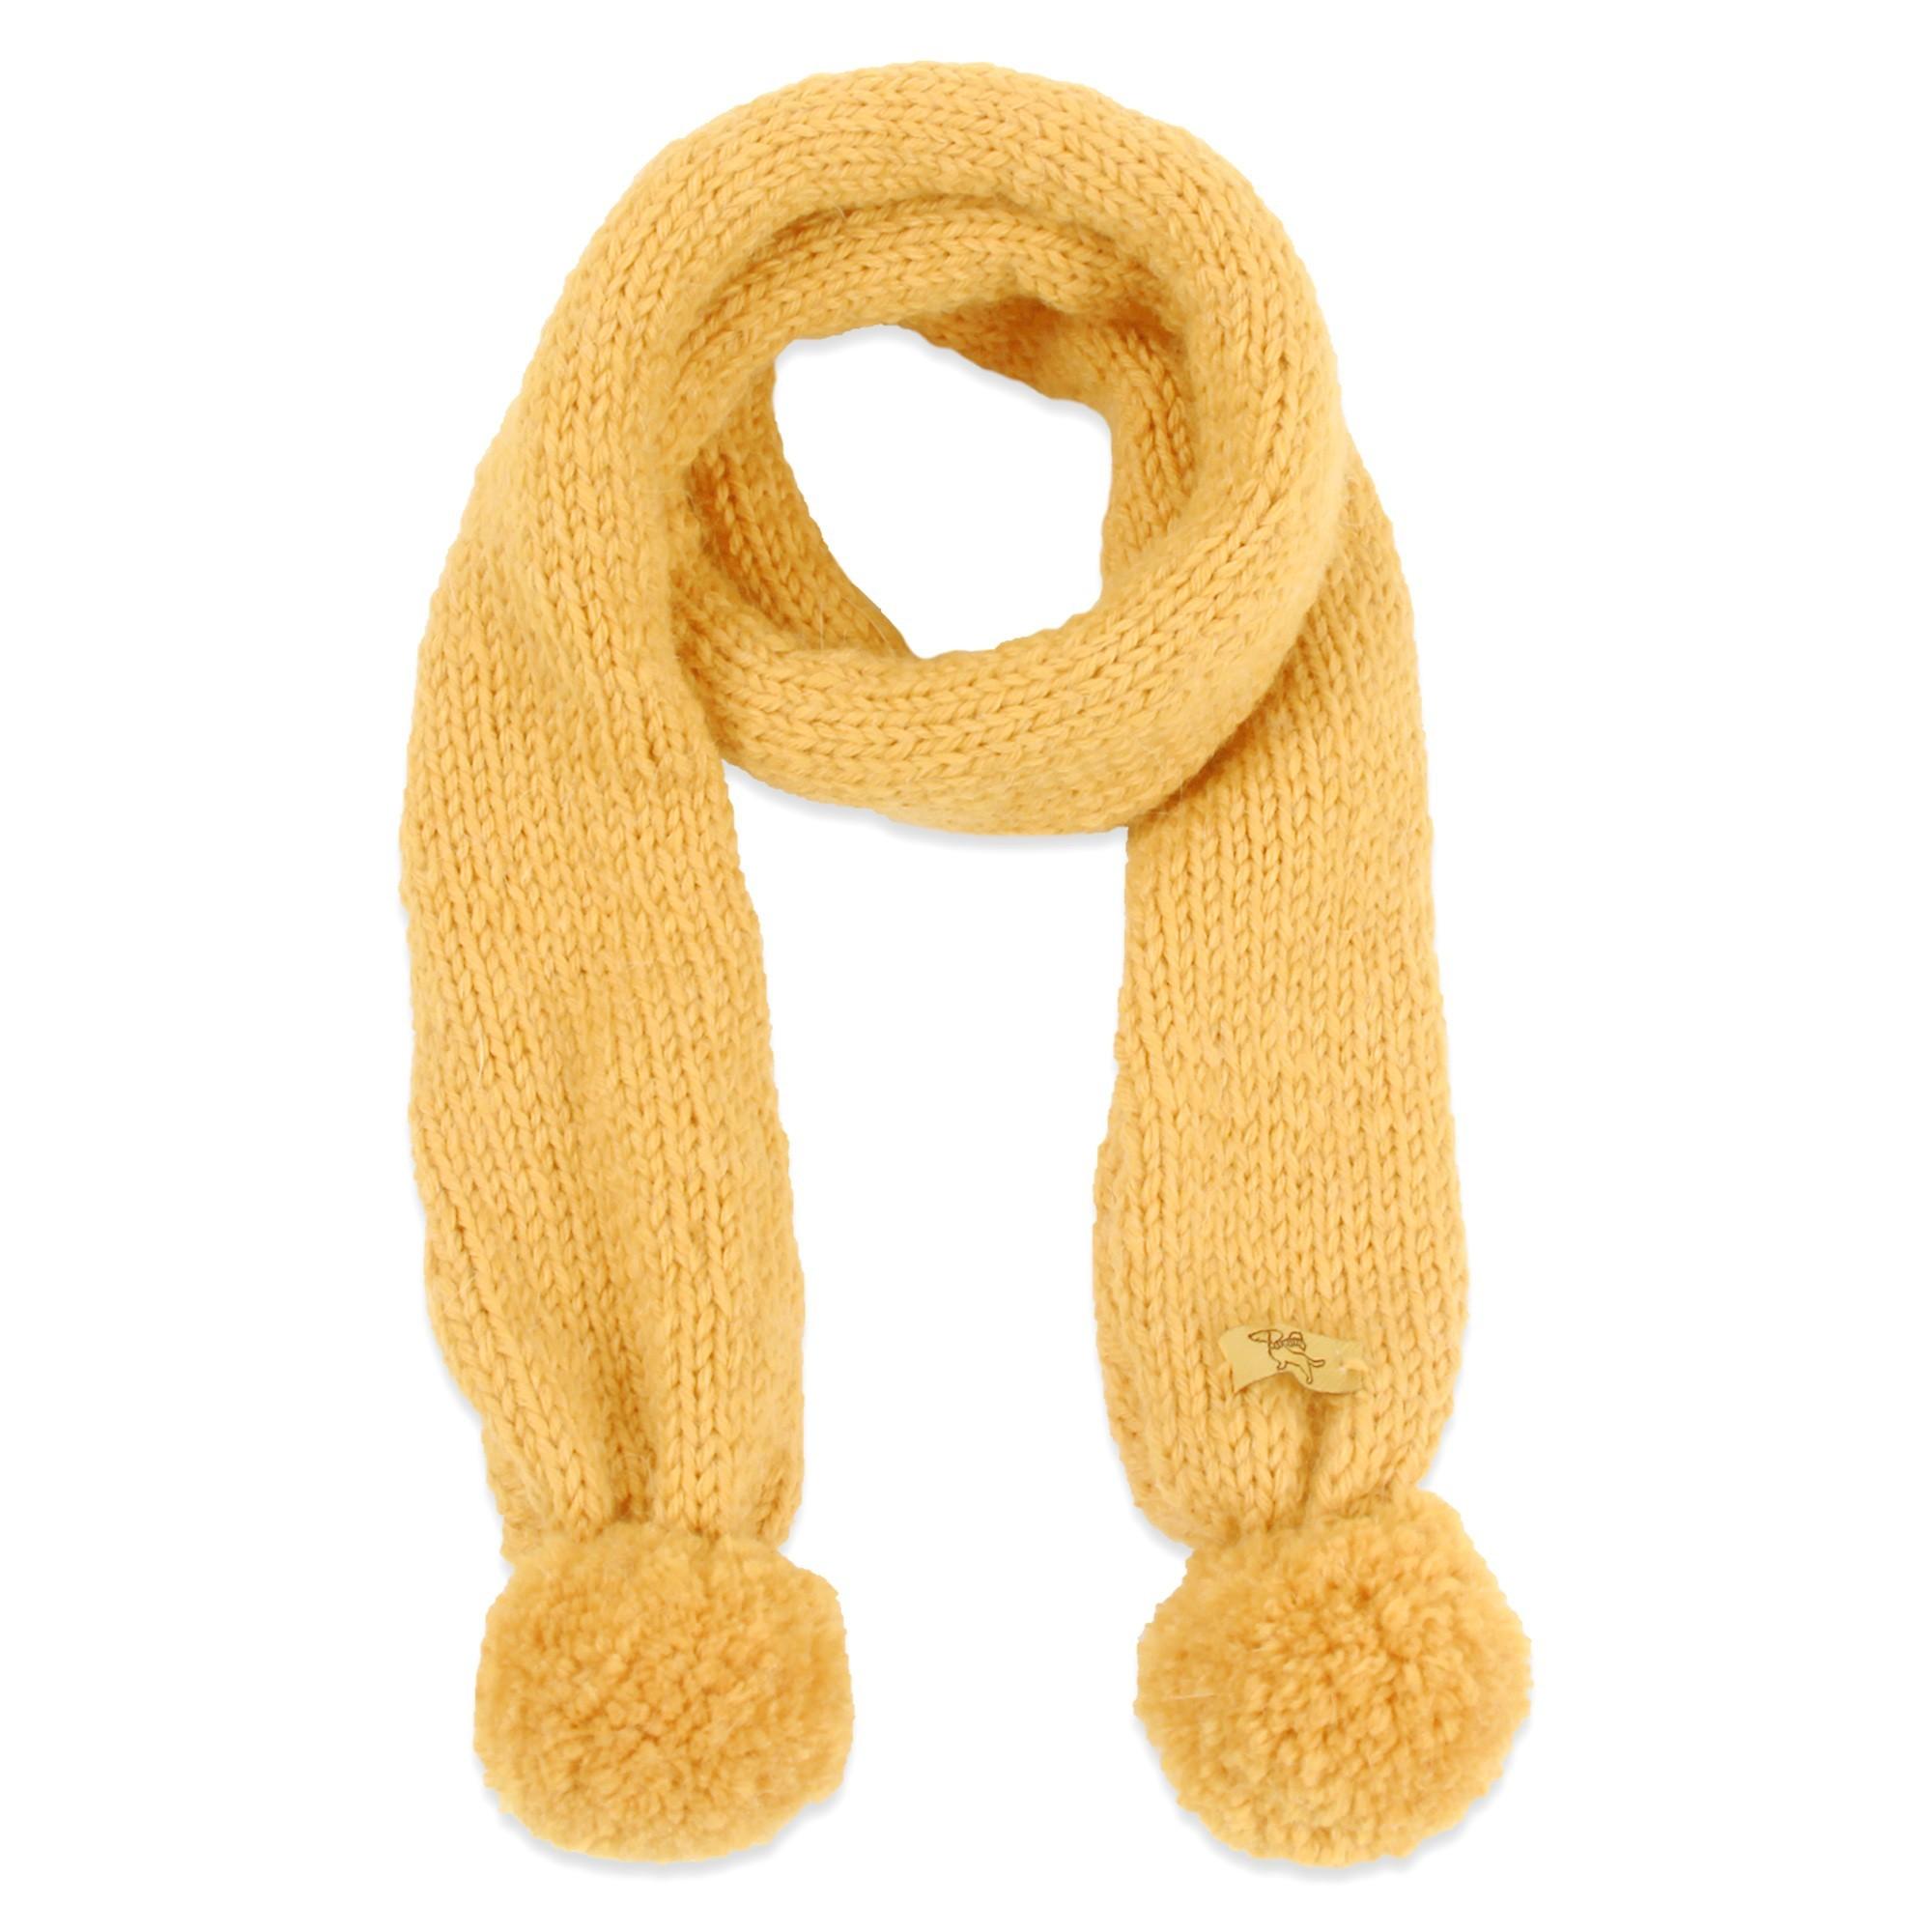 78a43779aad3 Echarpe enfant miel tricotée main en laine et aplaga très doux et chaud